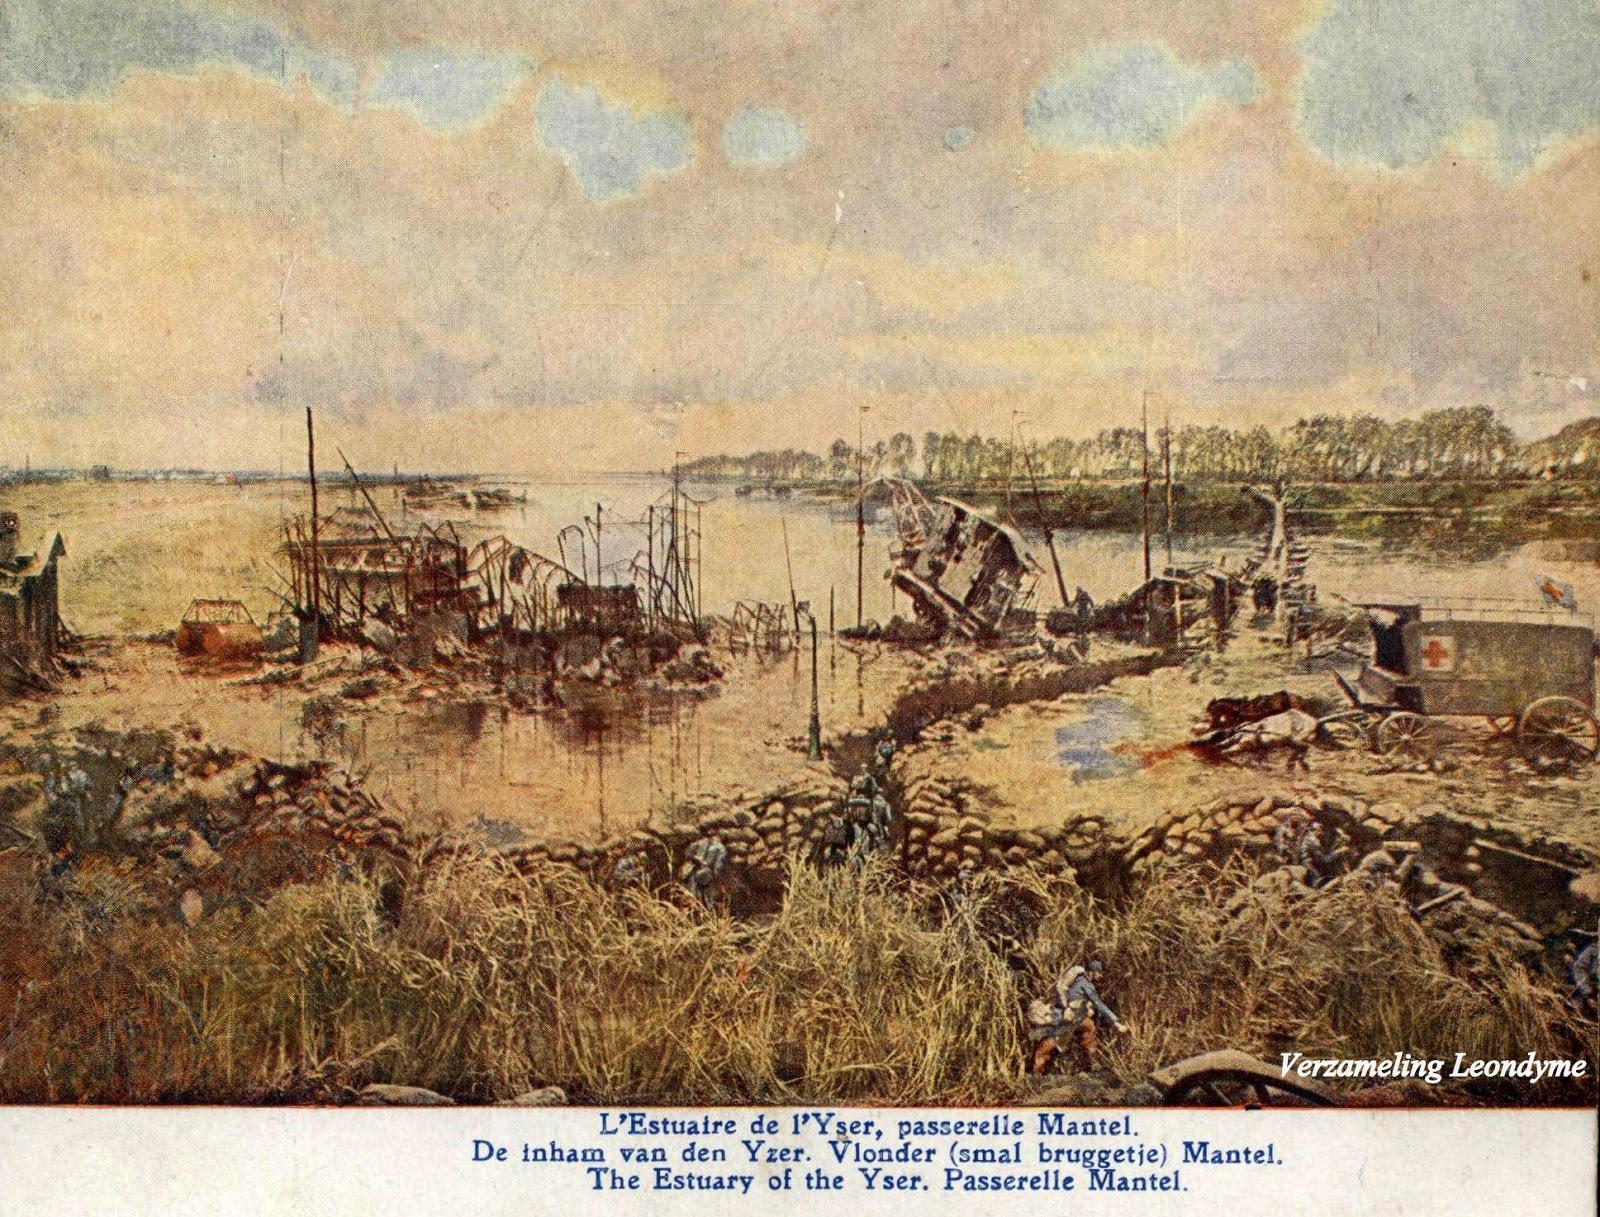 Slag van IJzer door Alfred Bastien. Inham van de IJzer met smal bruggetje. Verzameling Leondyme